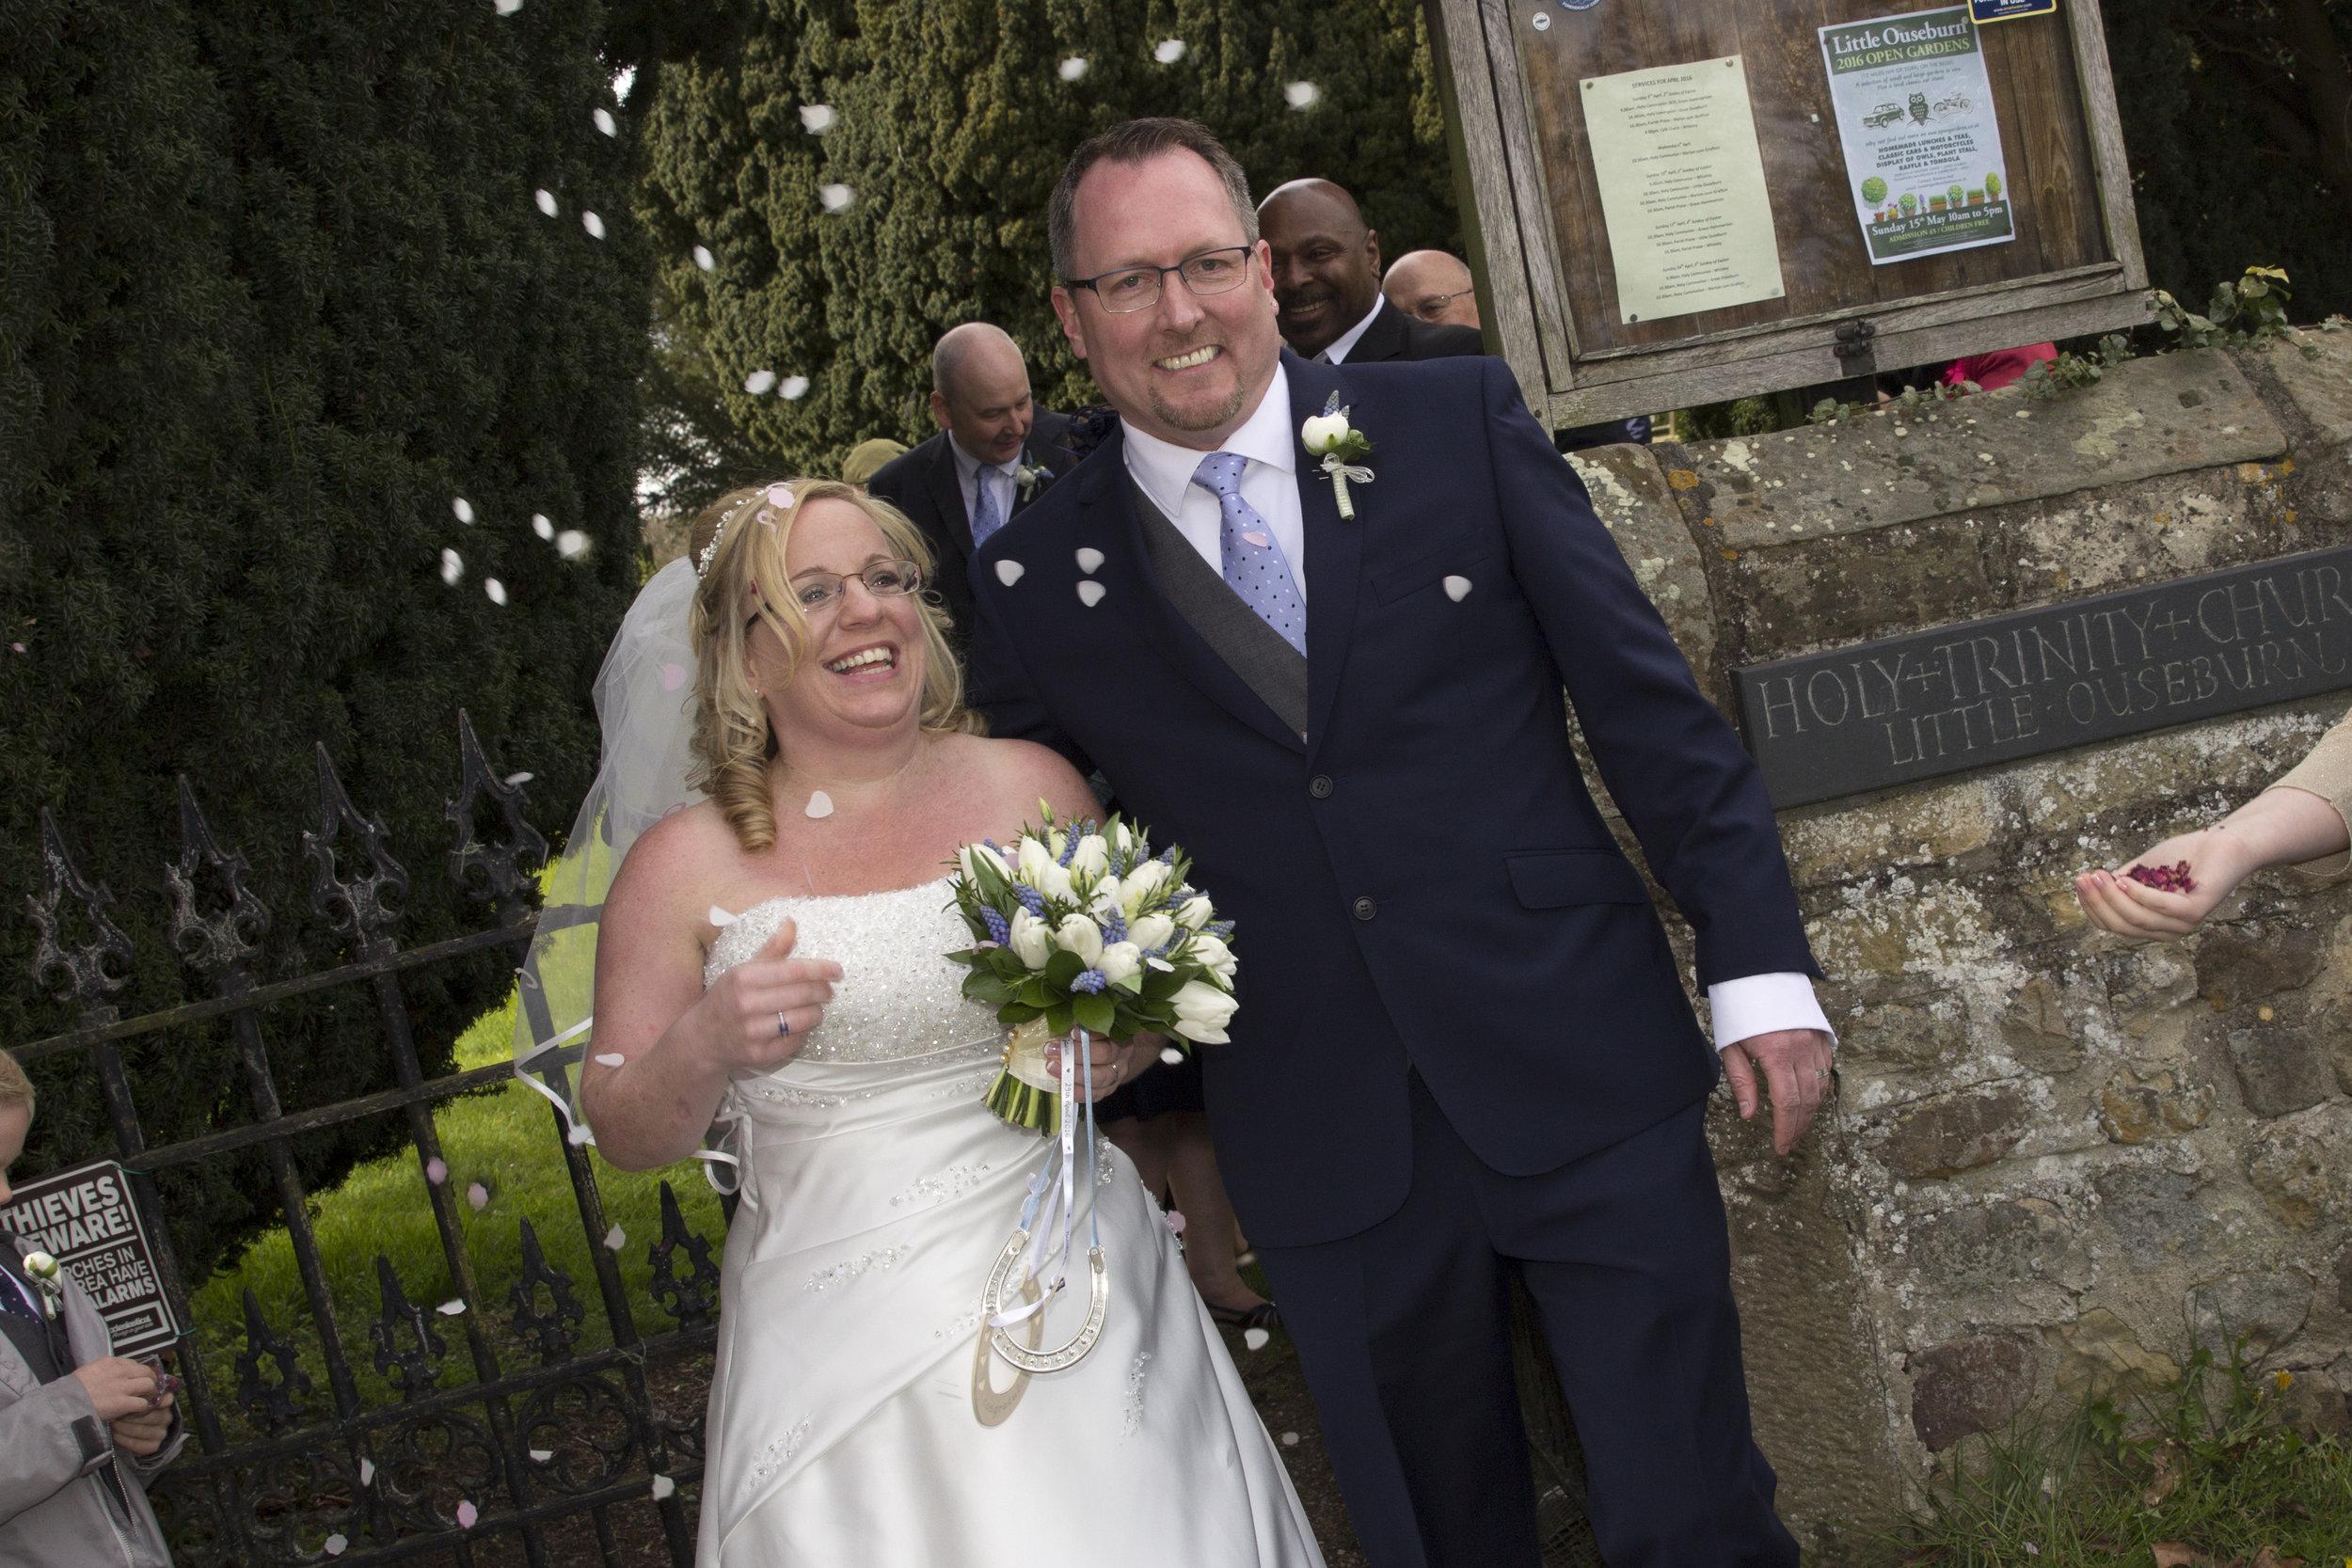 Mr and Mrs Bridgewater